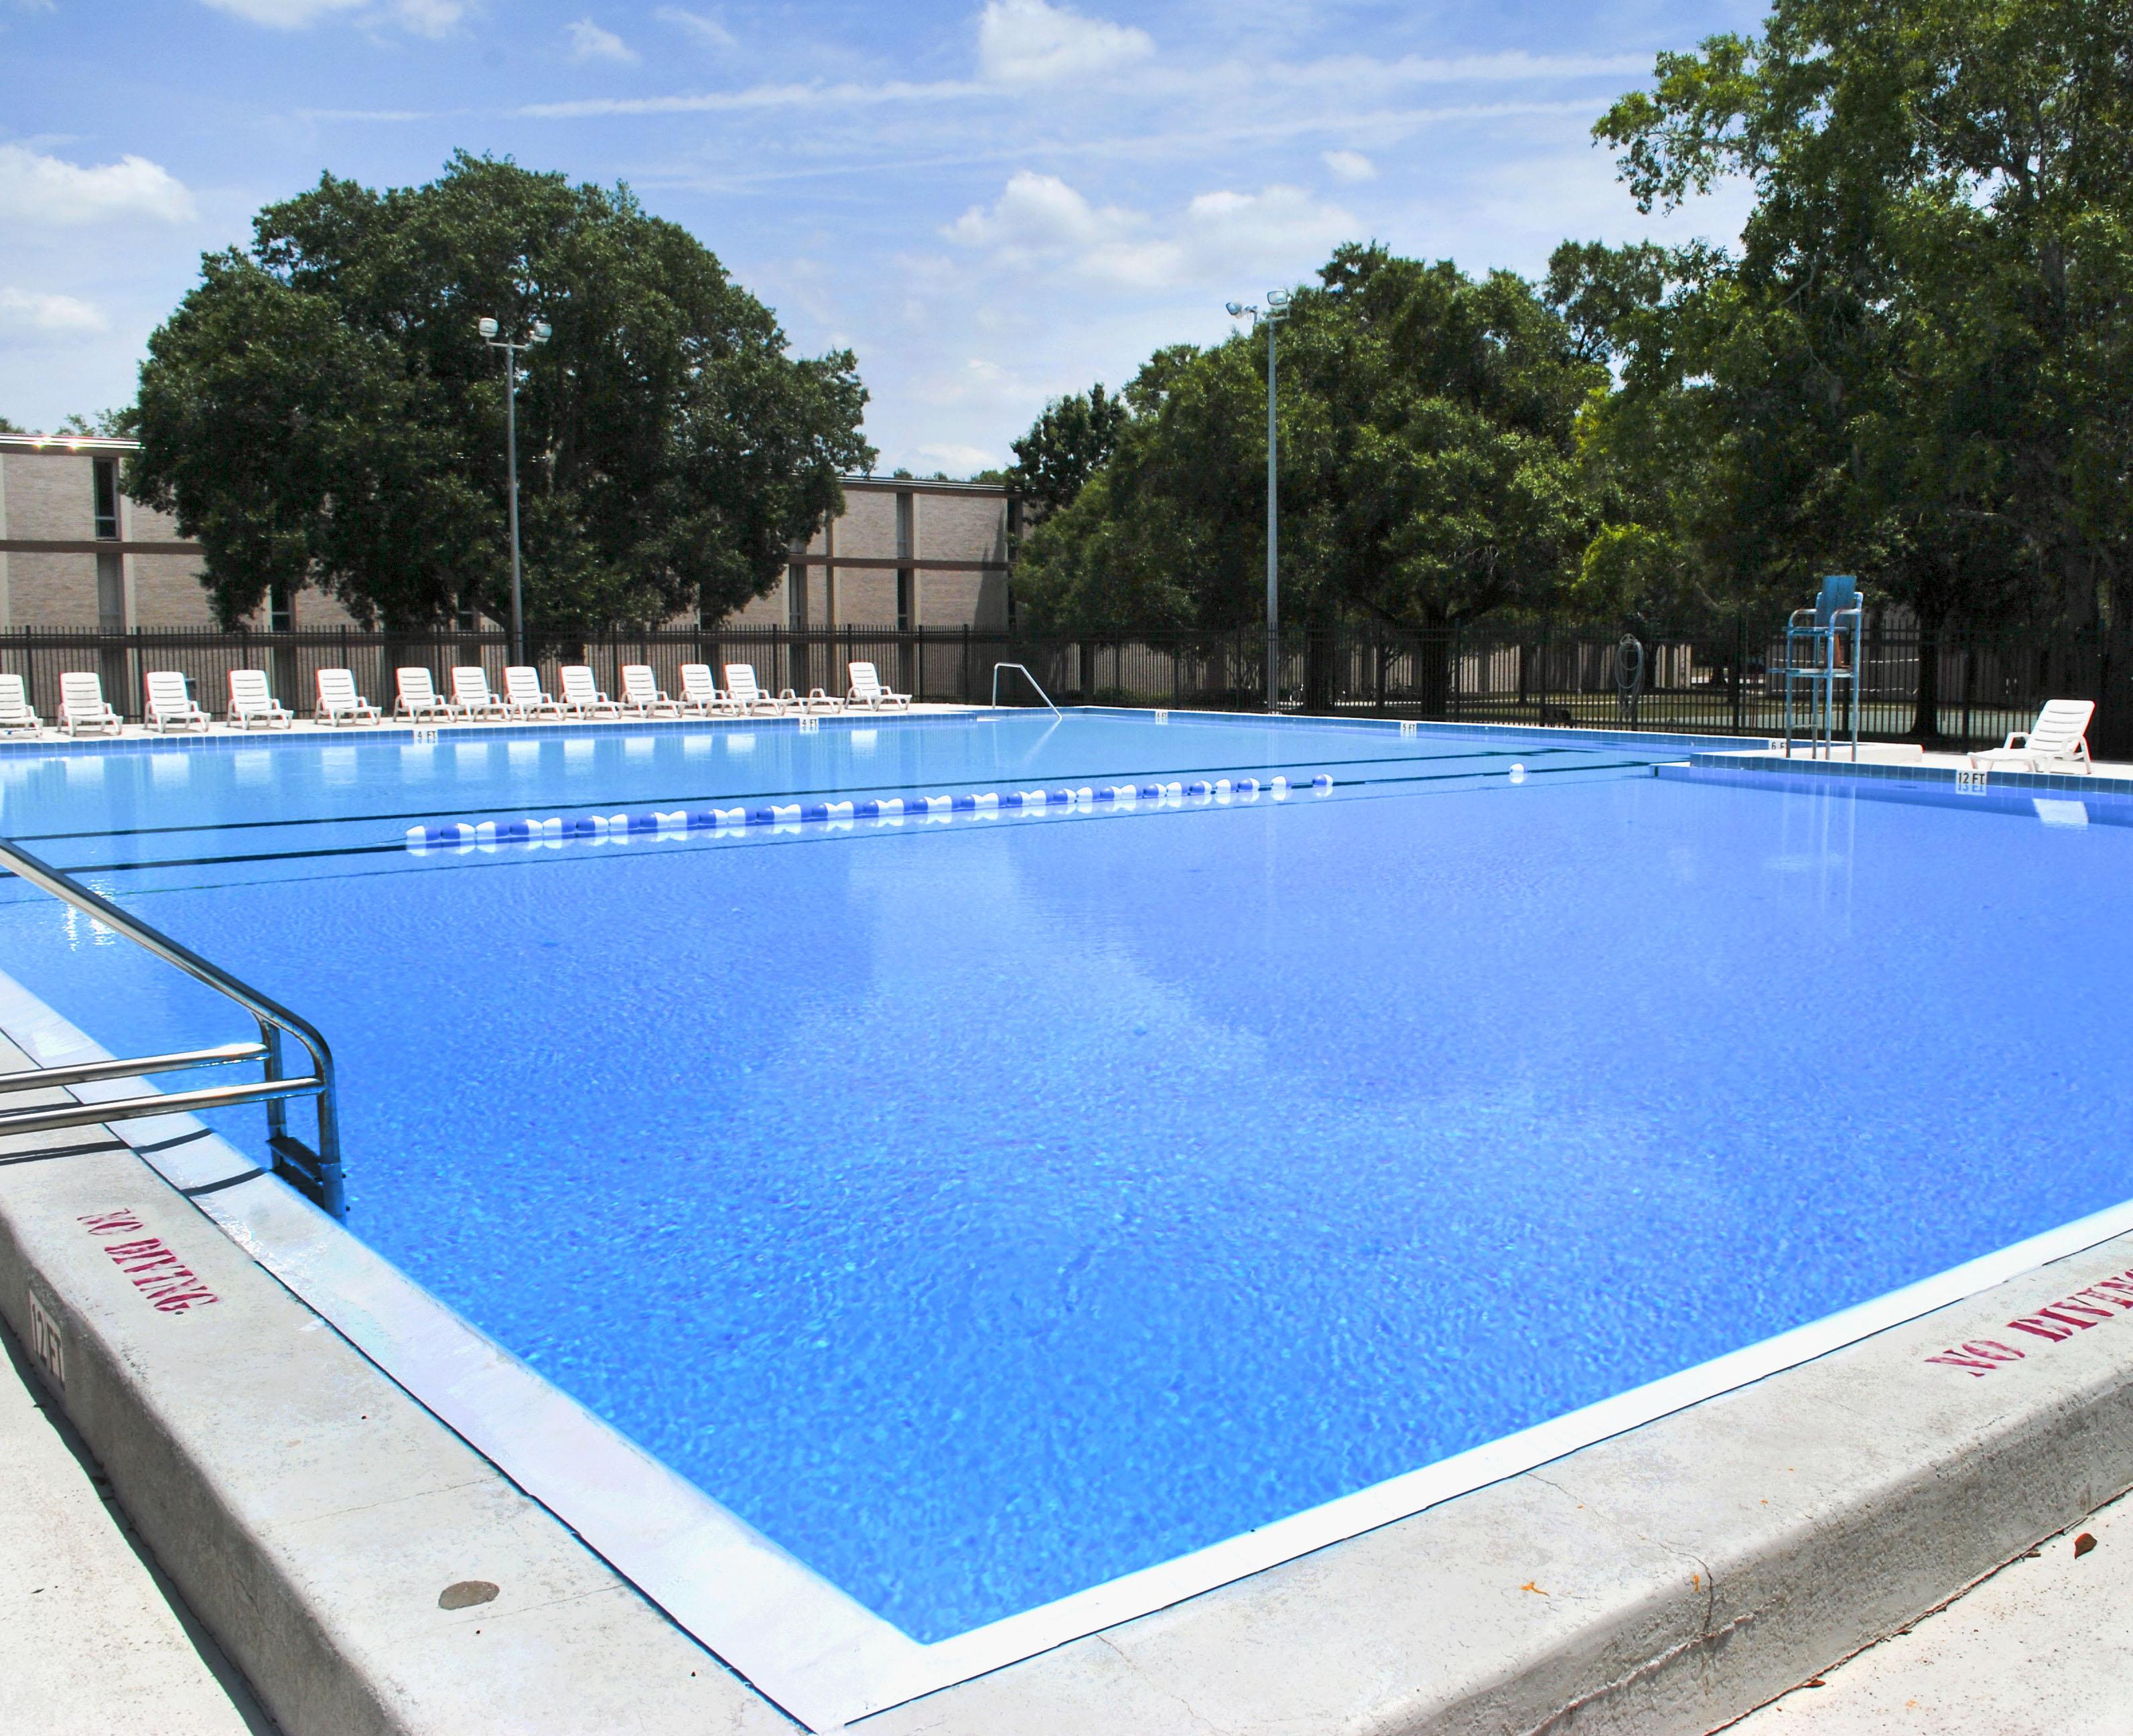 Grupo de limpiezas mart nez mantenimiento de piscinas - Mantenimiento de piscinas ...